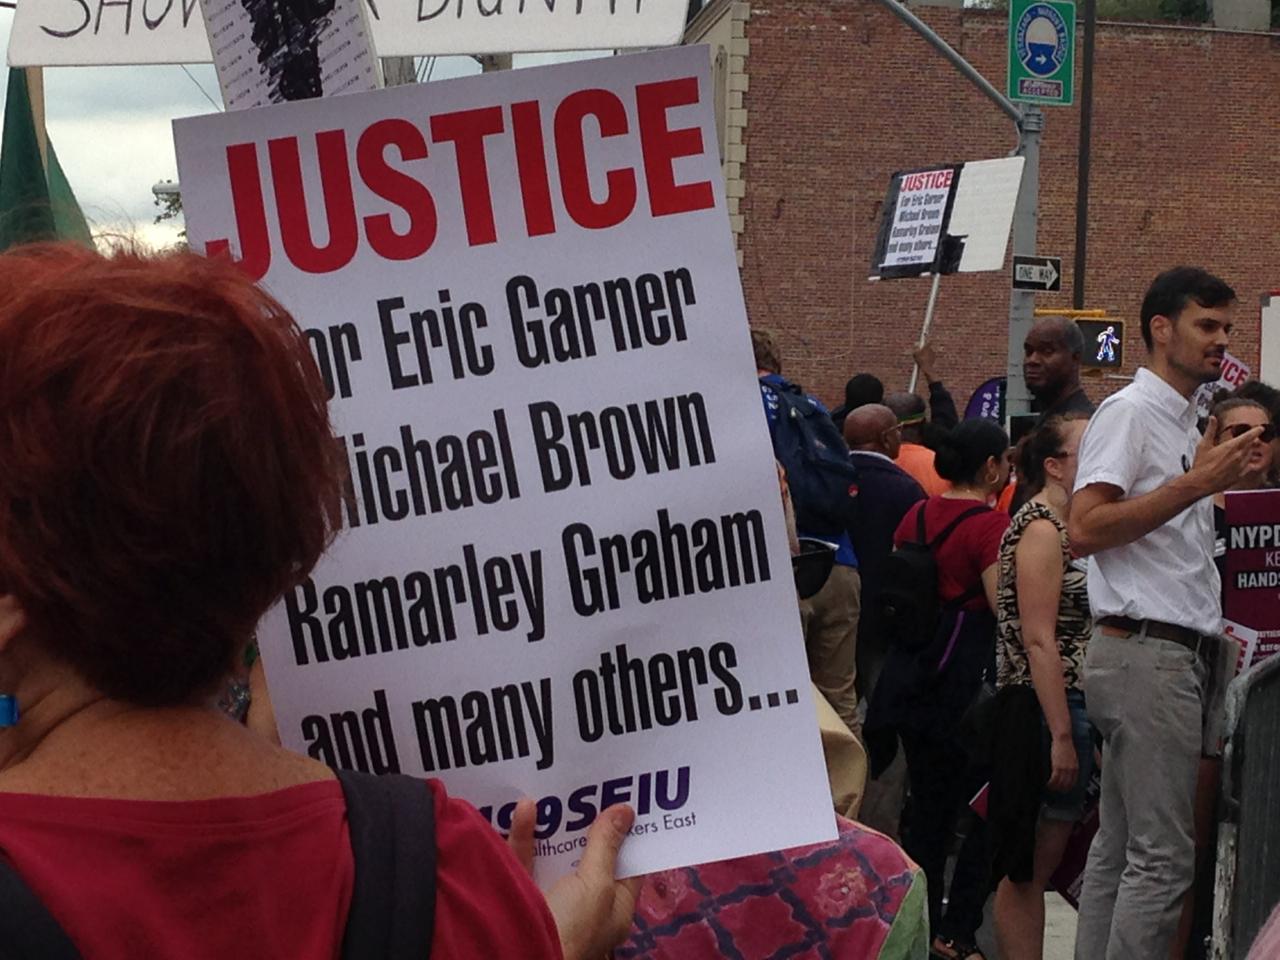 GarnerProtest_Justice